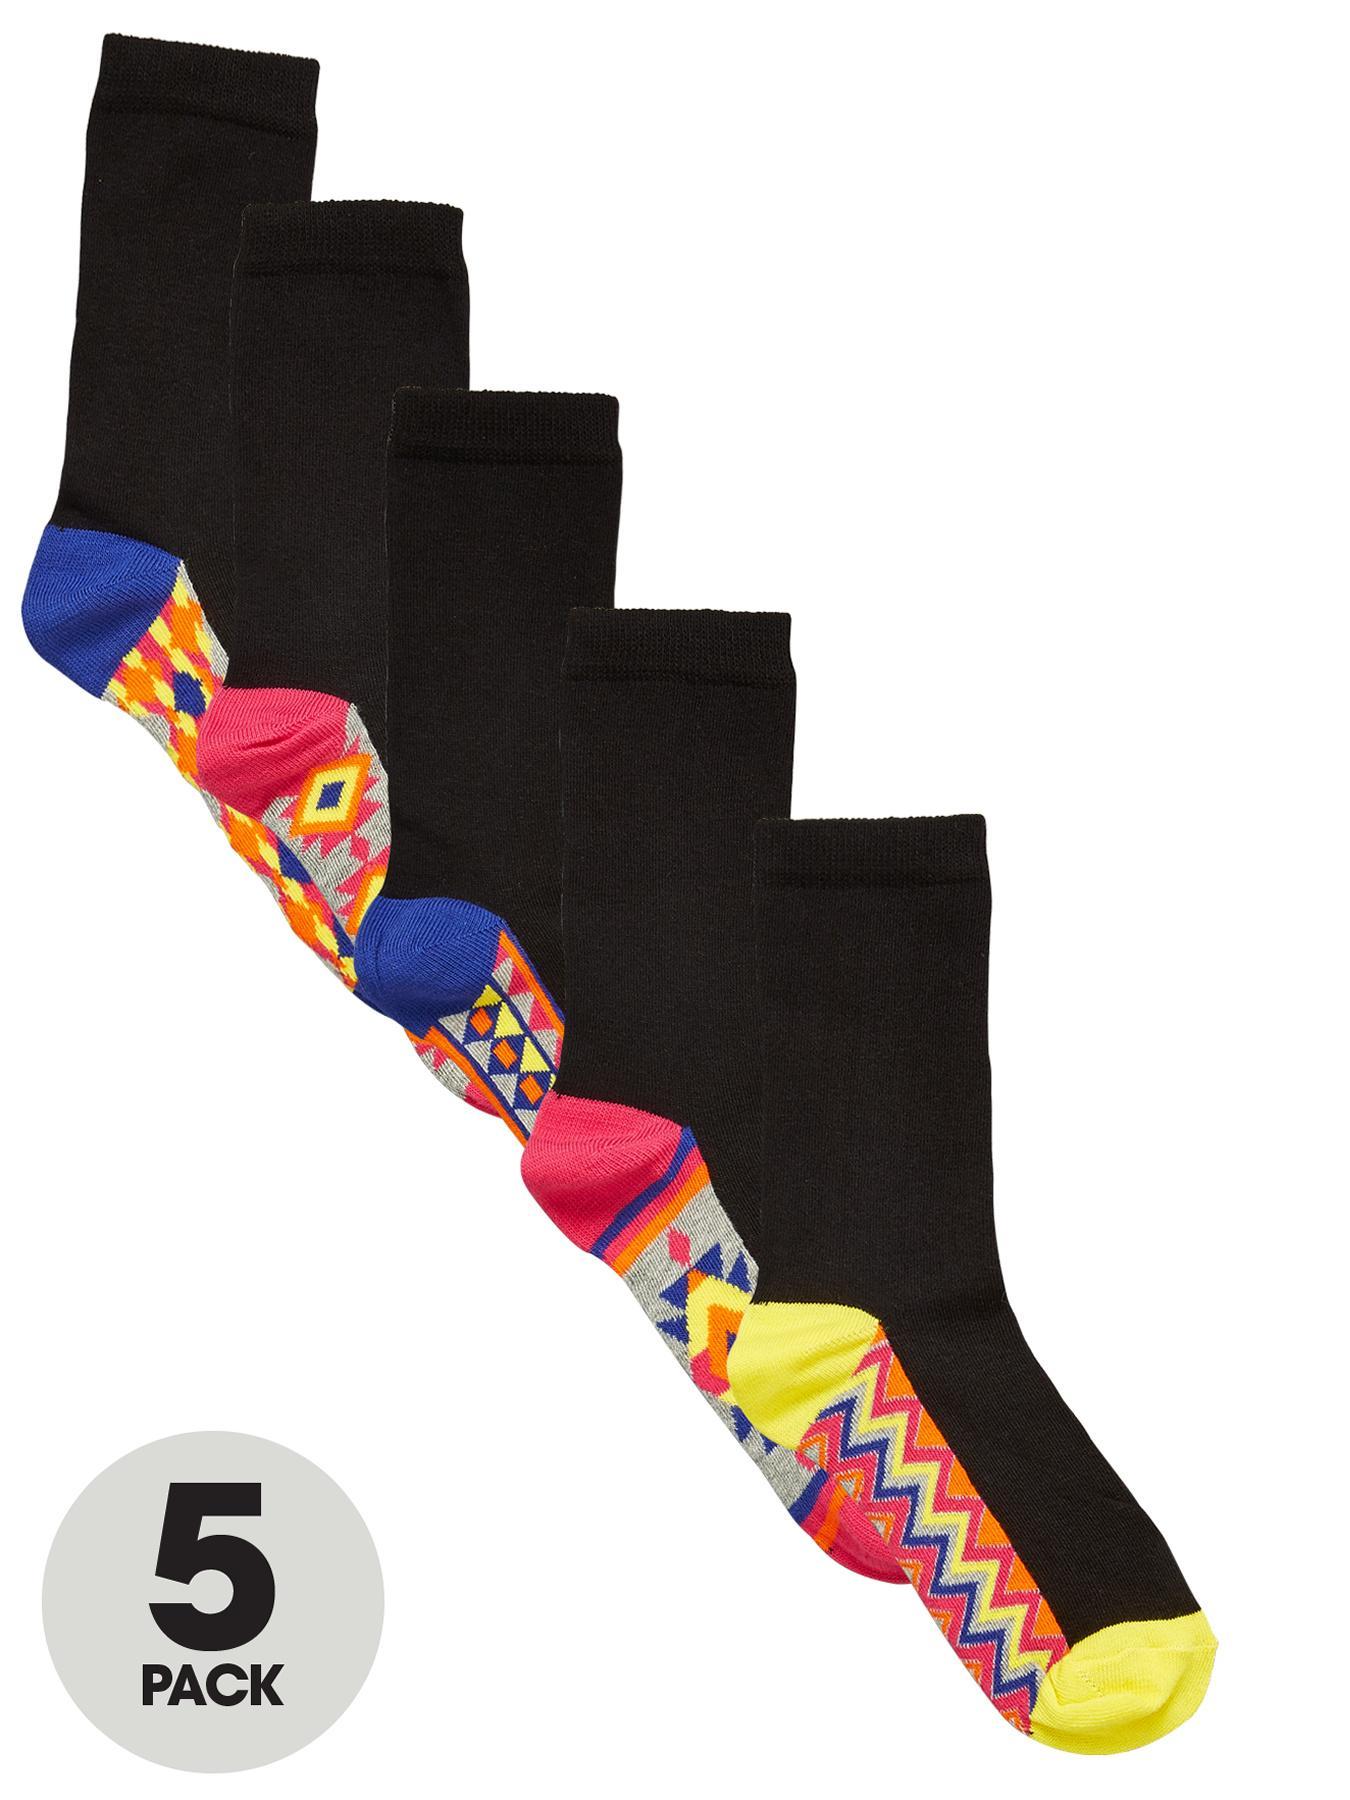 Aztec Footbed Crew Socks (5 Pack), Black at Littlewoods